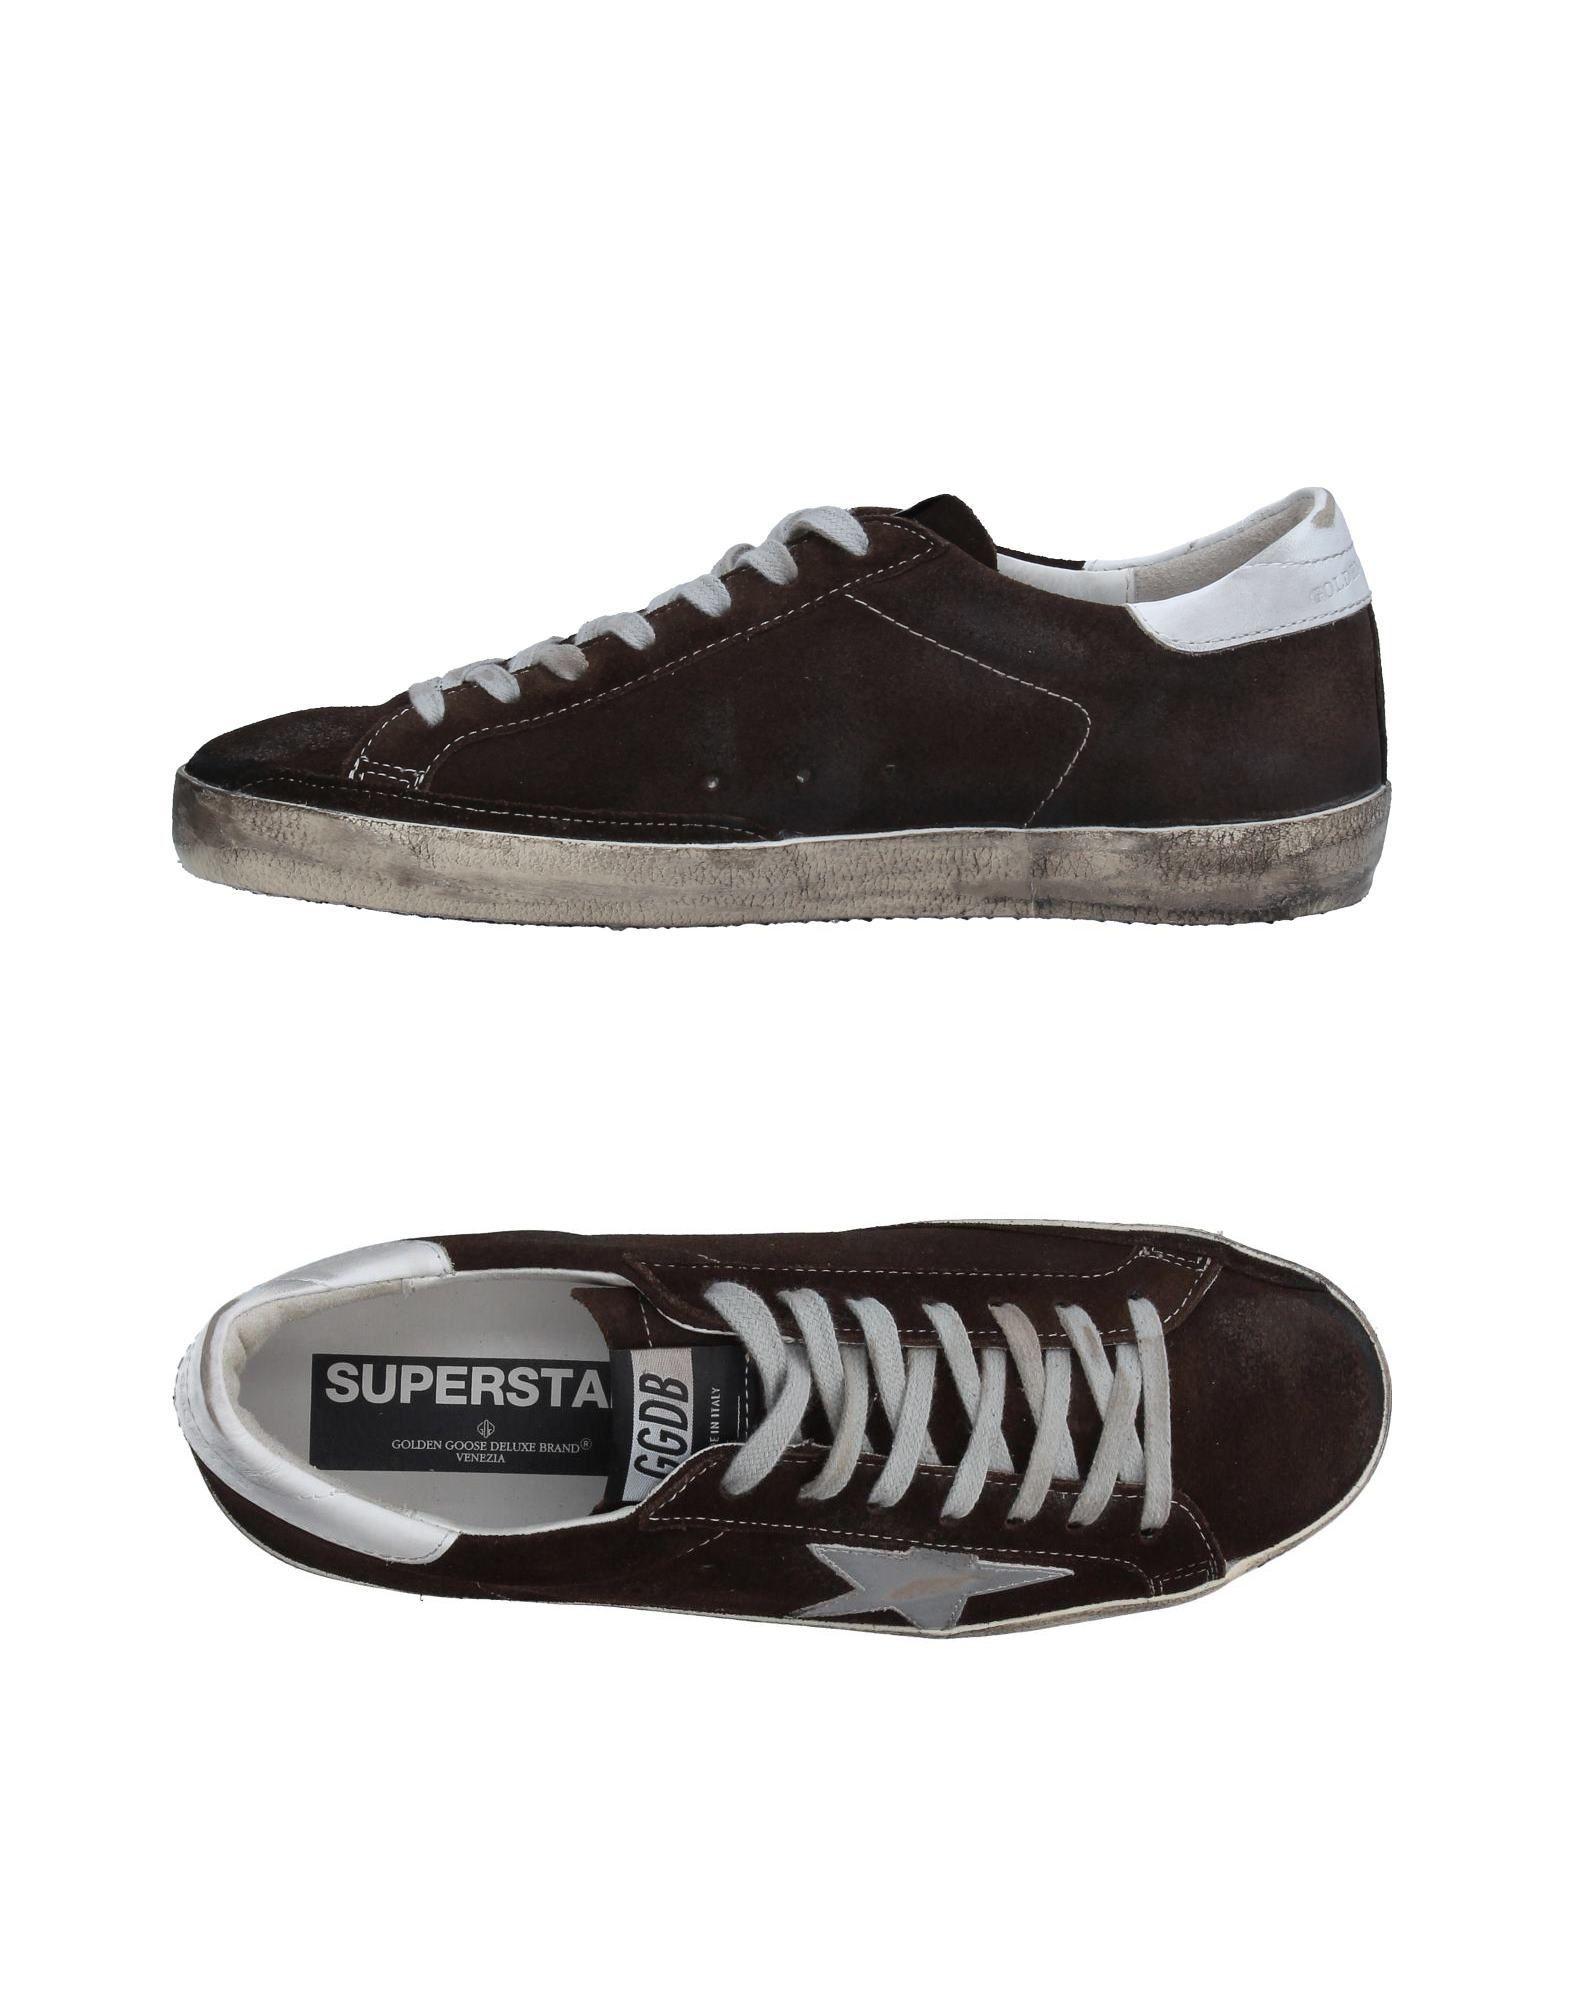 Golden Goose Deluxe Brand Sneakers Herren  11272223NW Heiße Schuhe